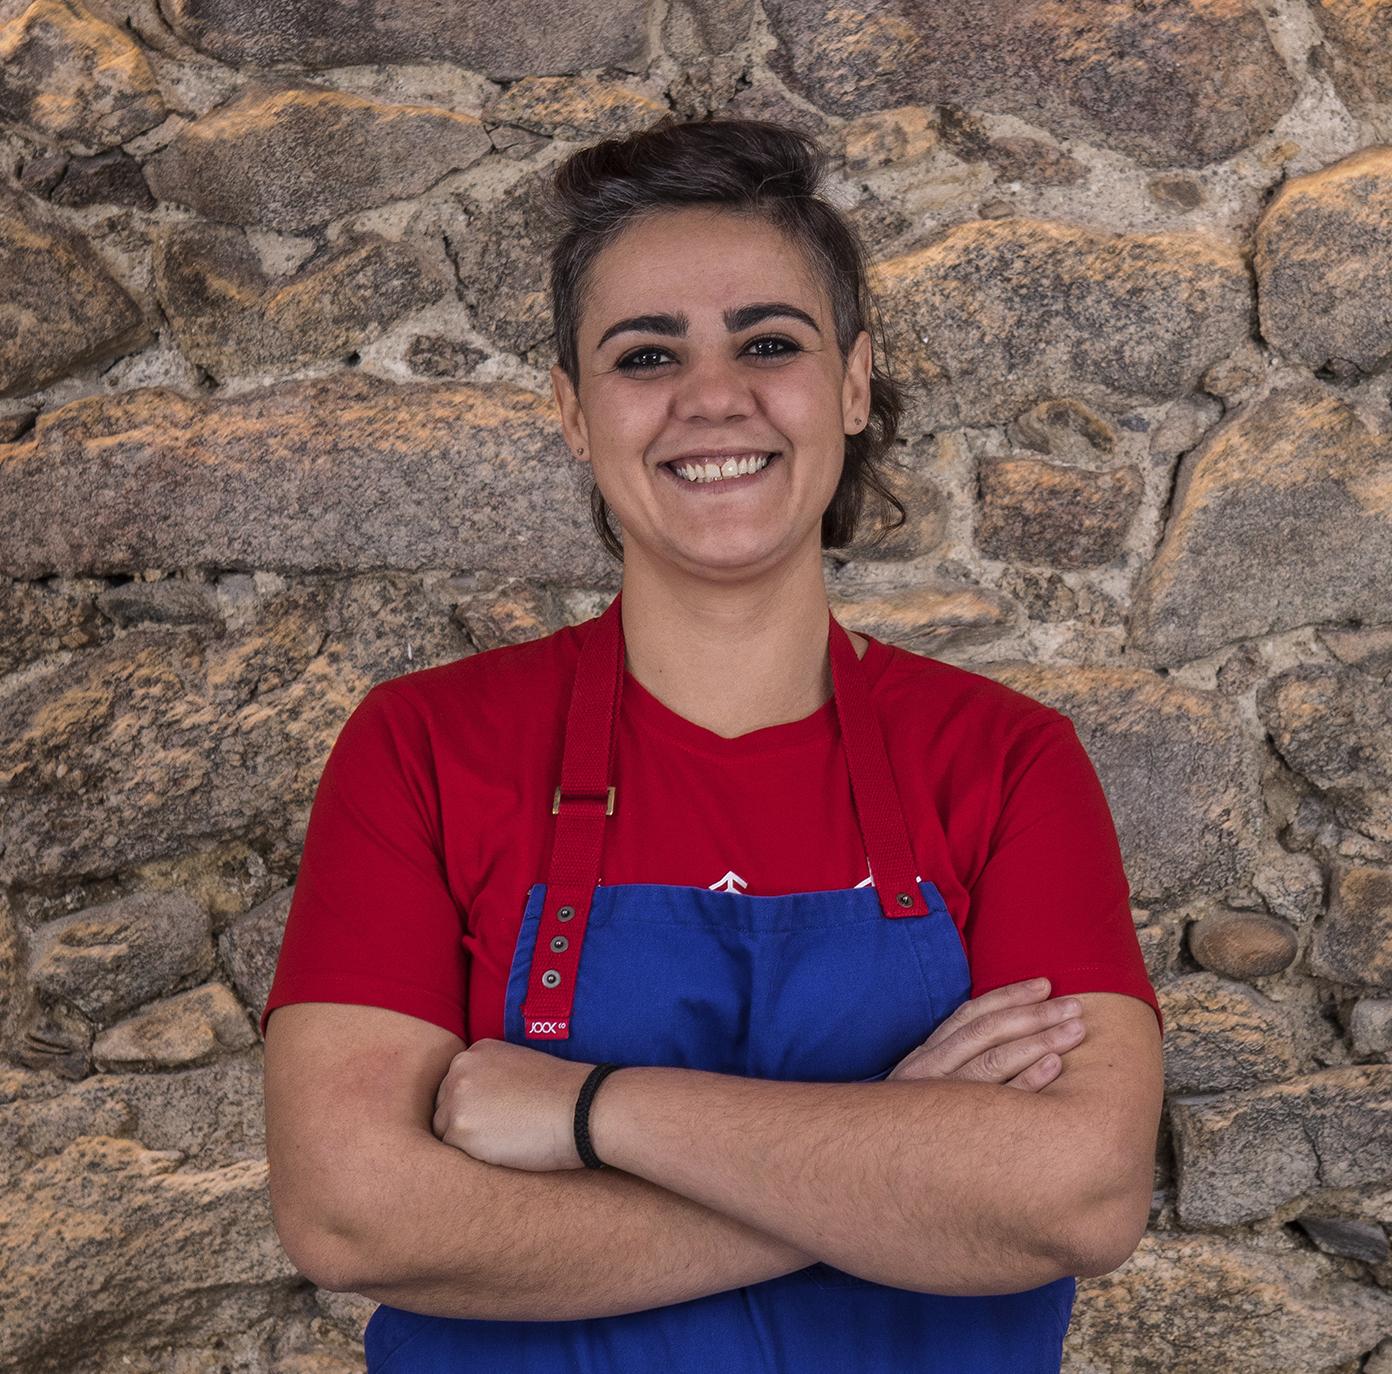 Carolina Coelho